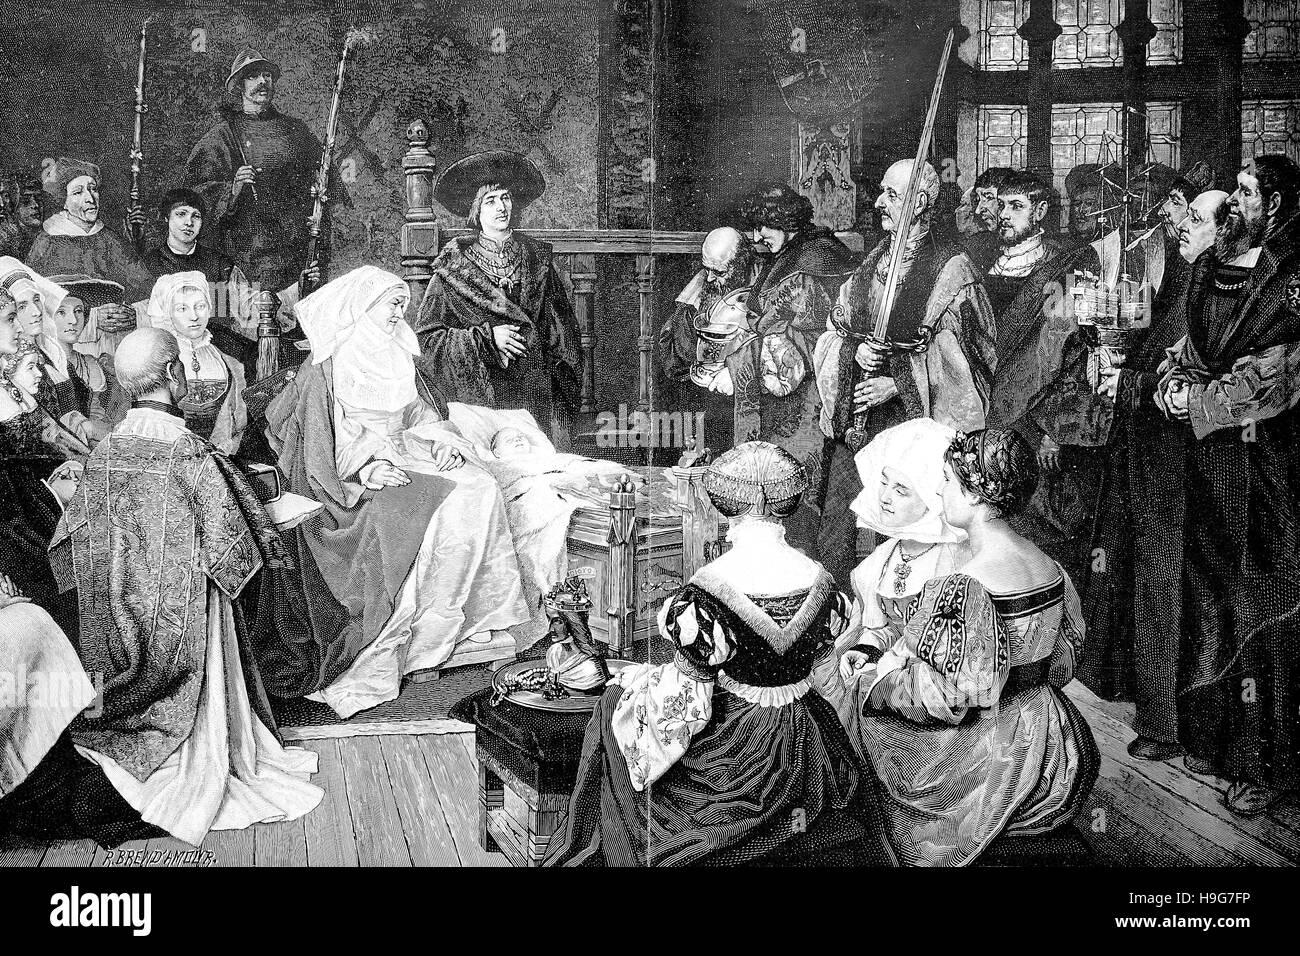 homage to Charles V, Karl, 24 February 1500 - 21 September 1558, at Gent - Stock Image